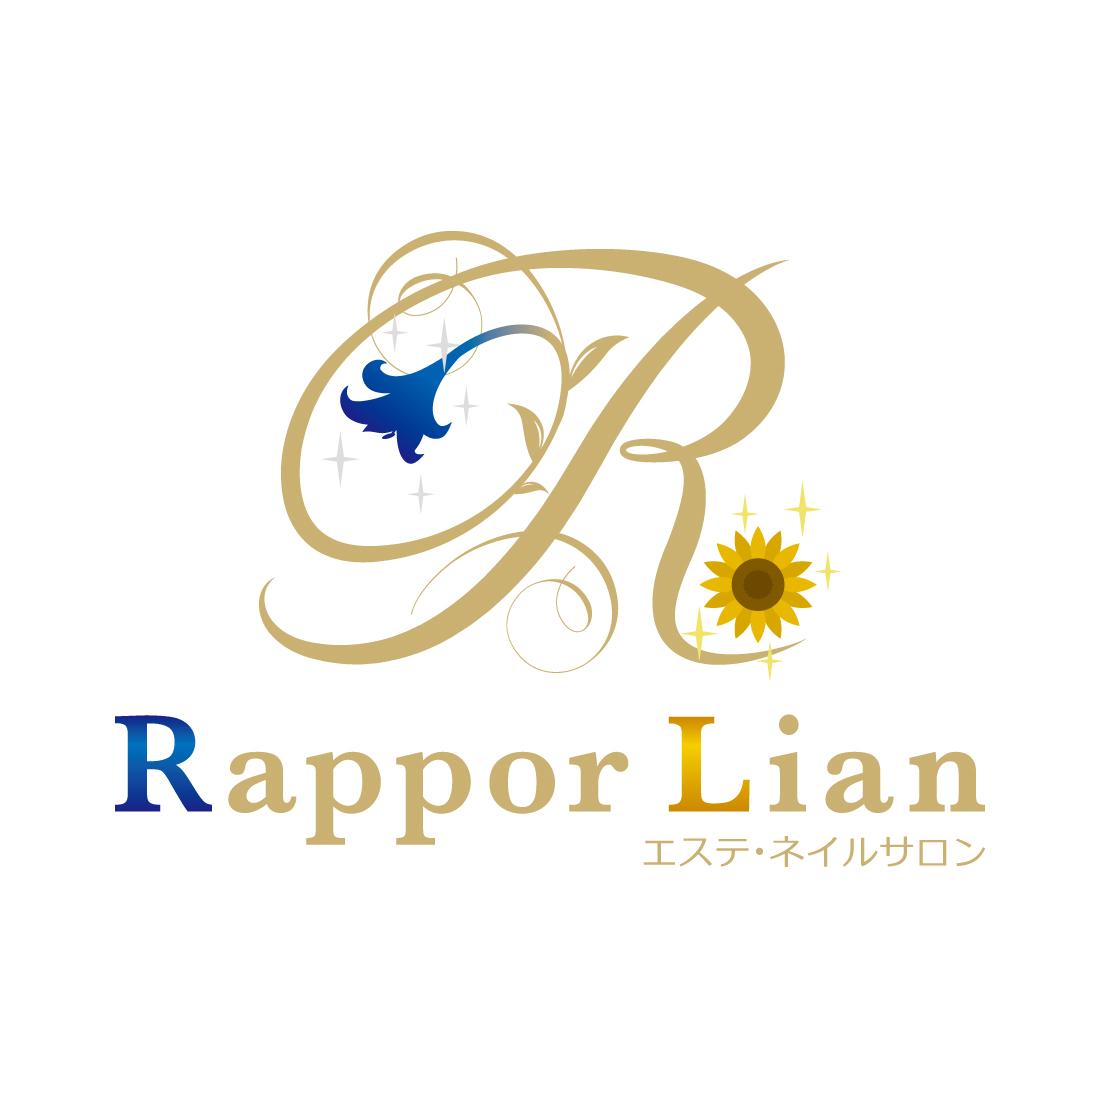 ラポール リアン|名古屋市港区のエステサロン